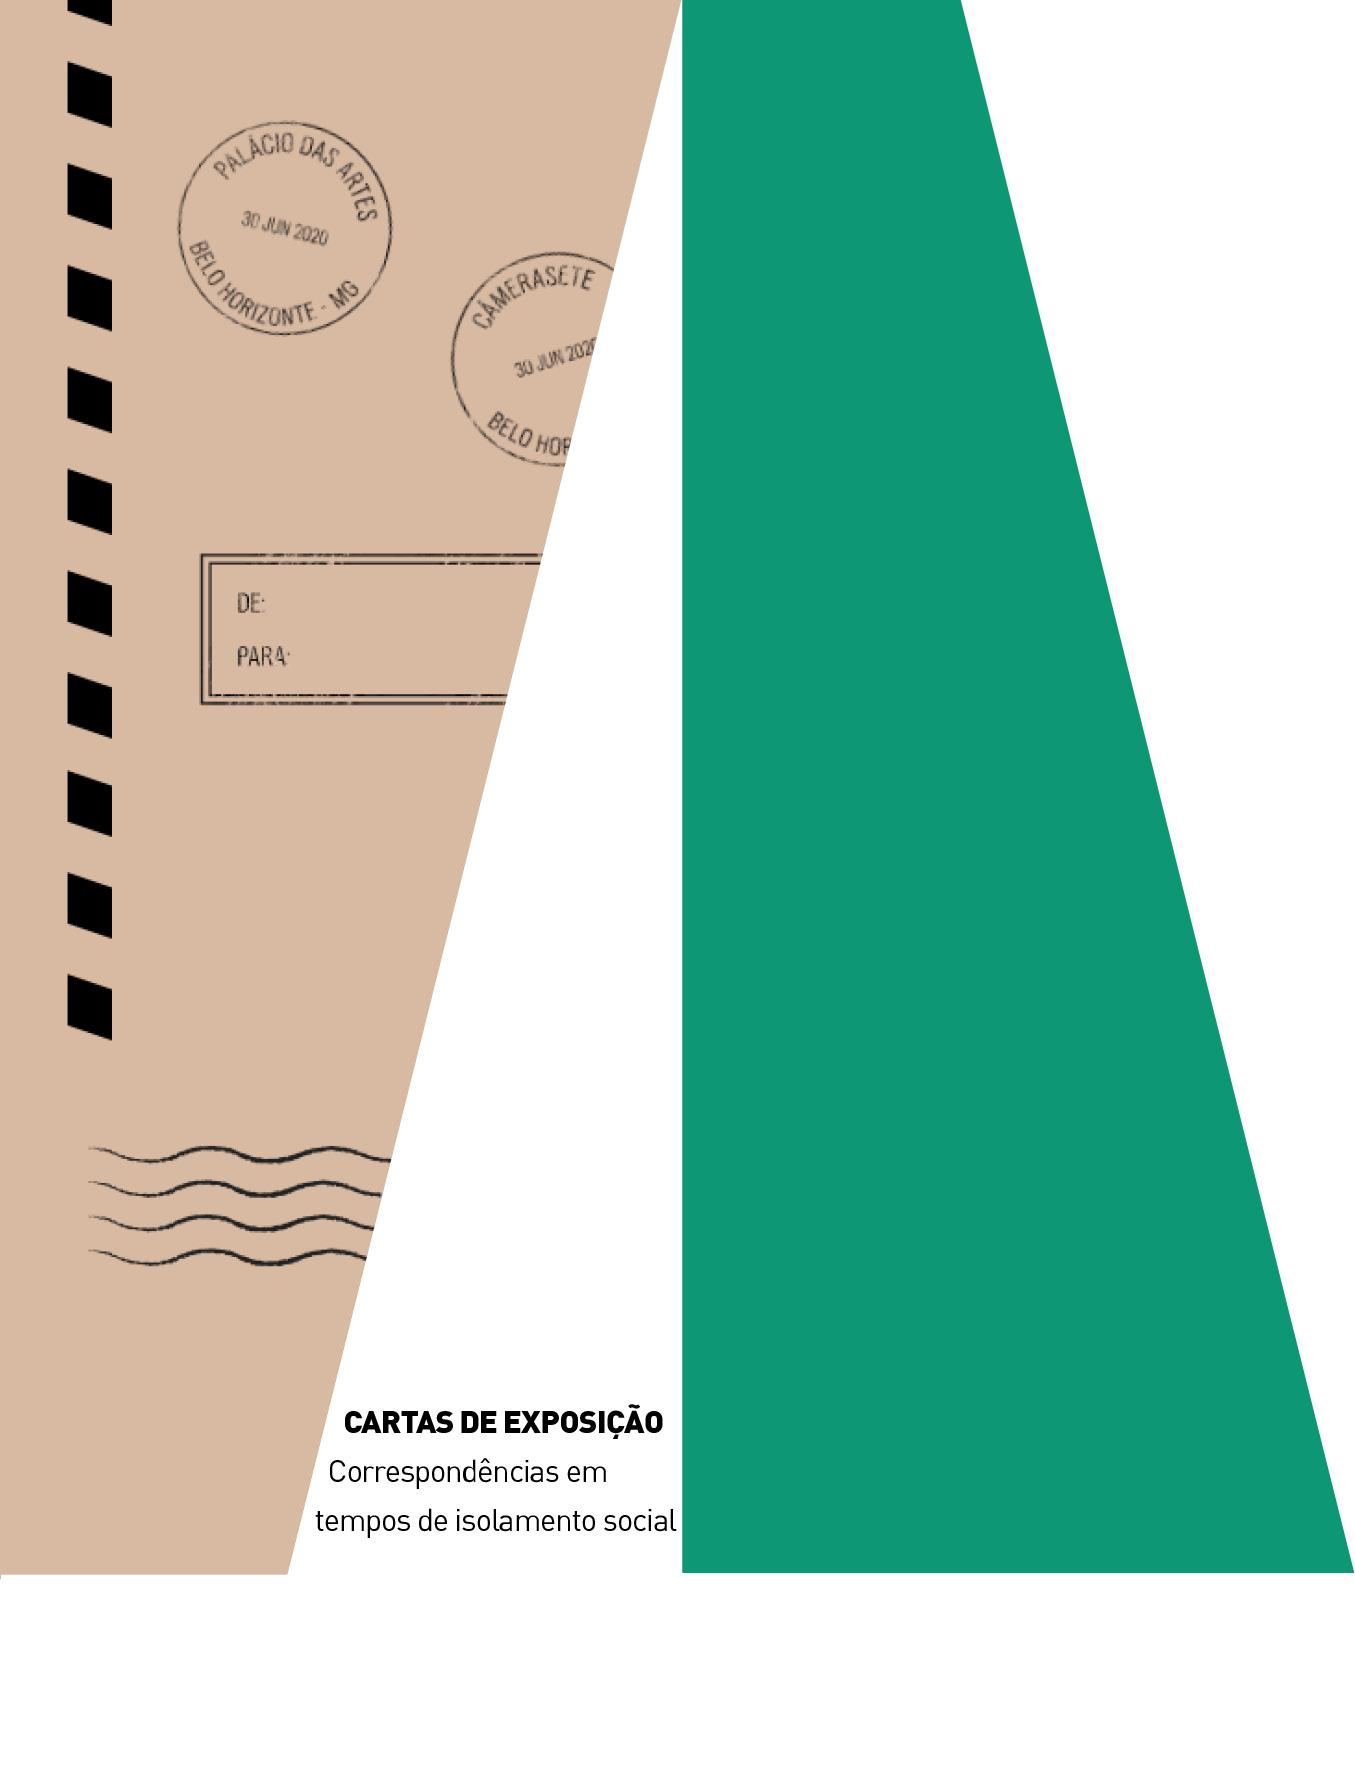 Evento: Cartas de Exposição: correspondências em tempos de isolamento social